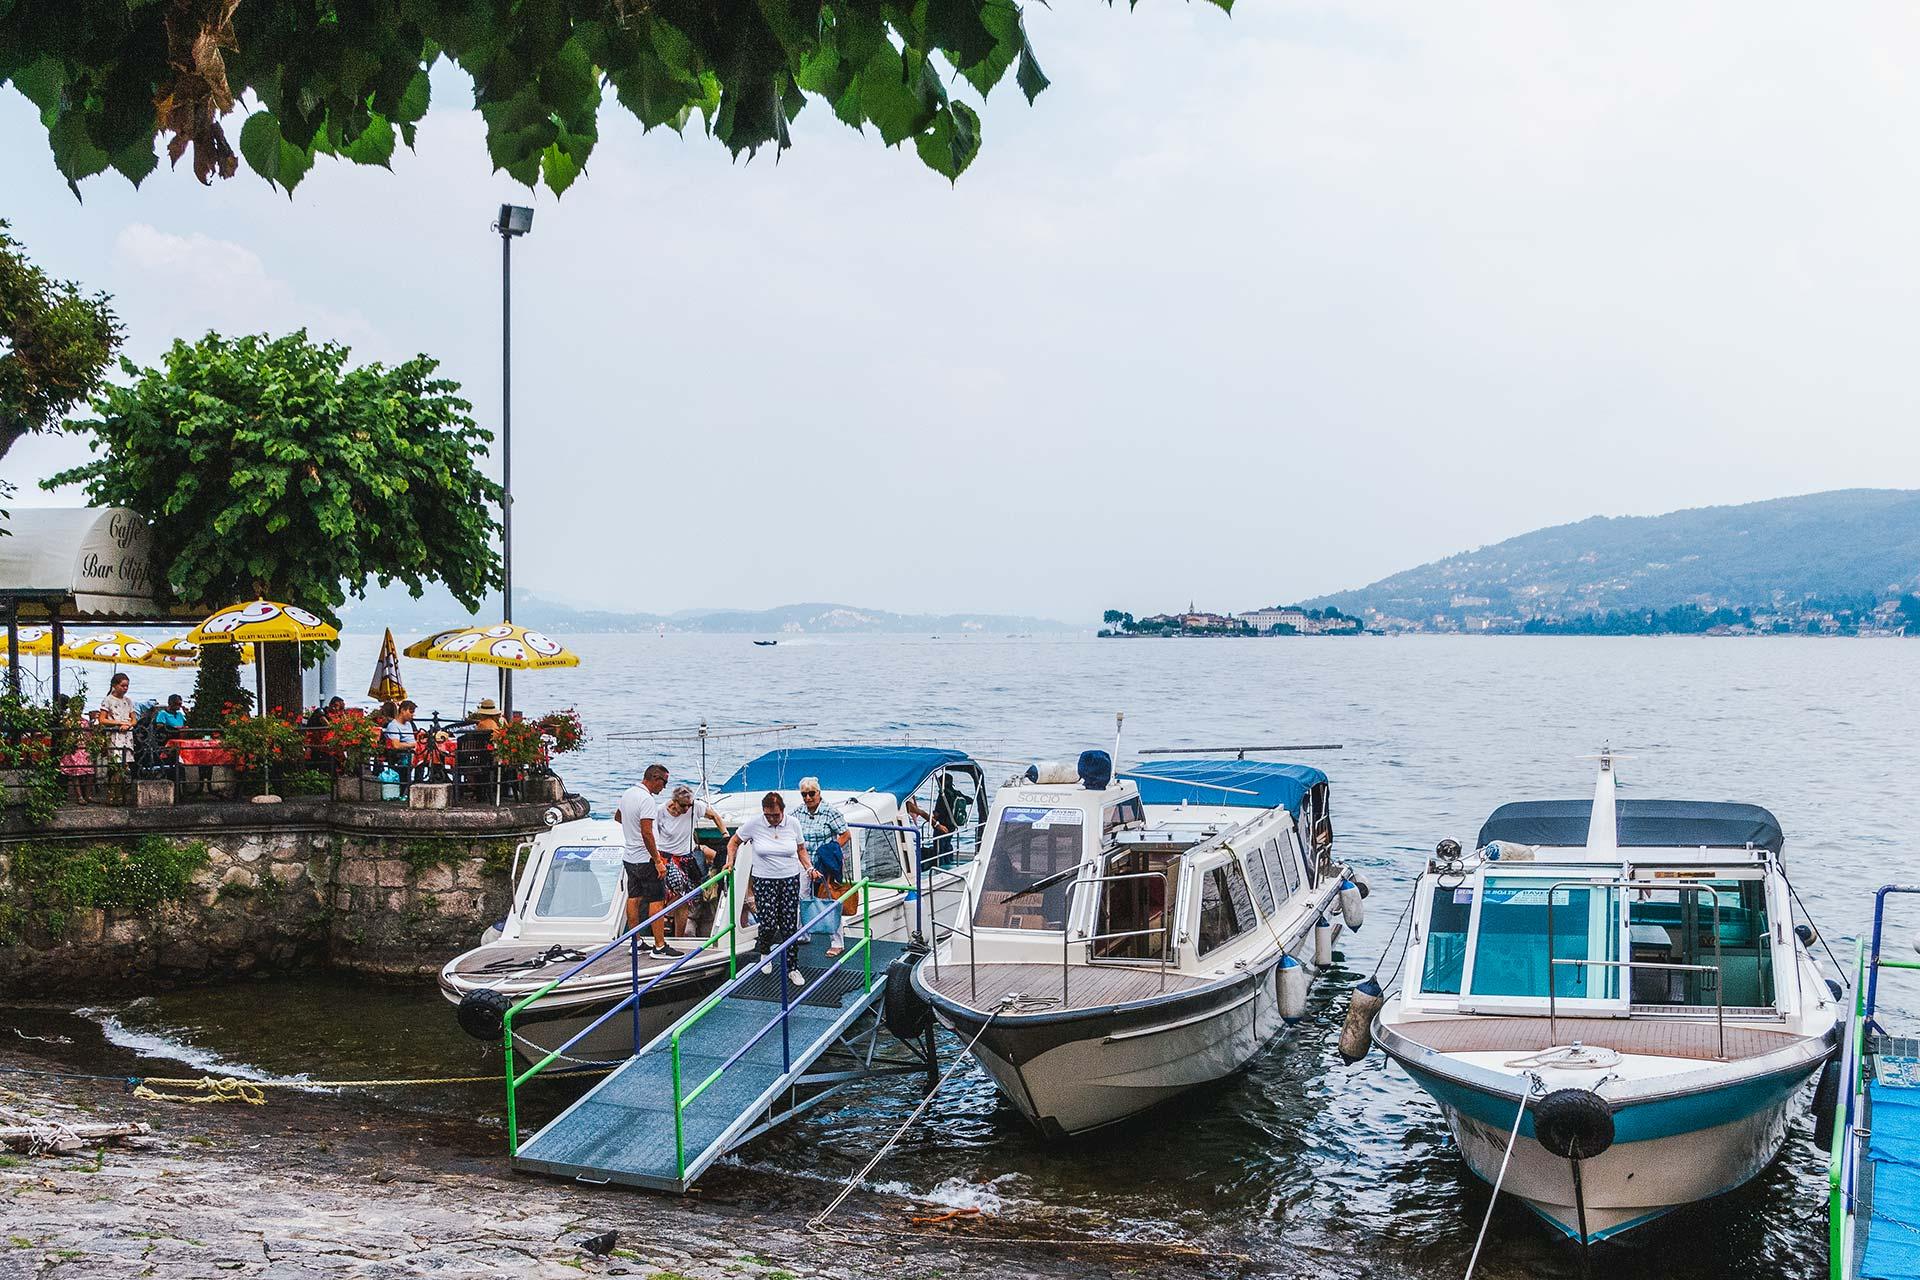 Mit den zumeist privaten Wassertaxis lässt es sich gemütlich über den Lago Maggiore und zu den Inseln der Familie Borromeo schippern.